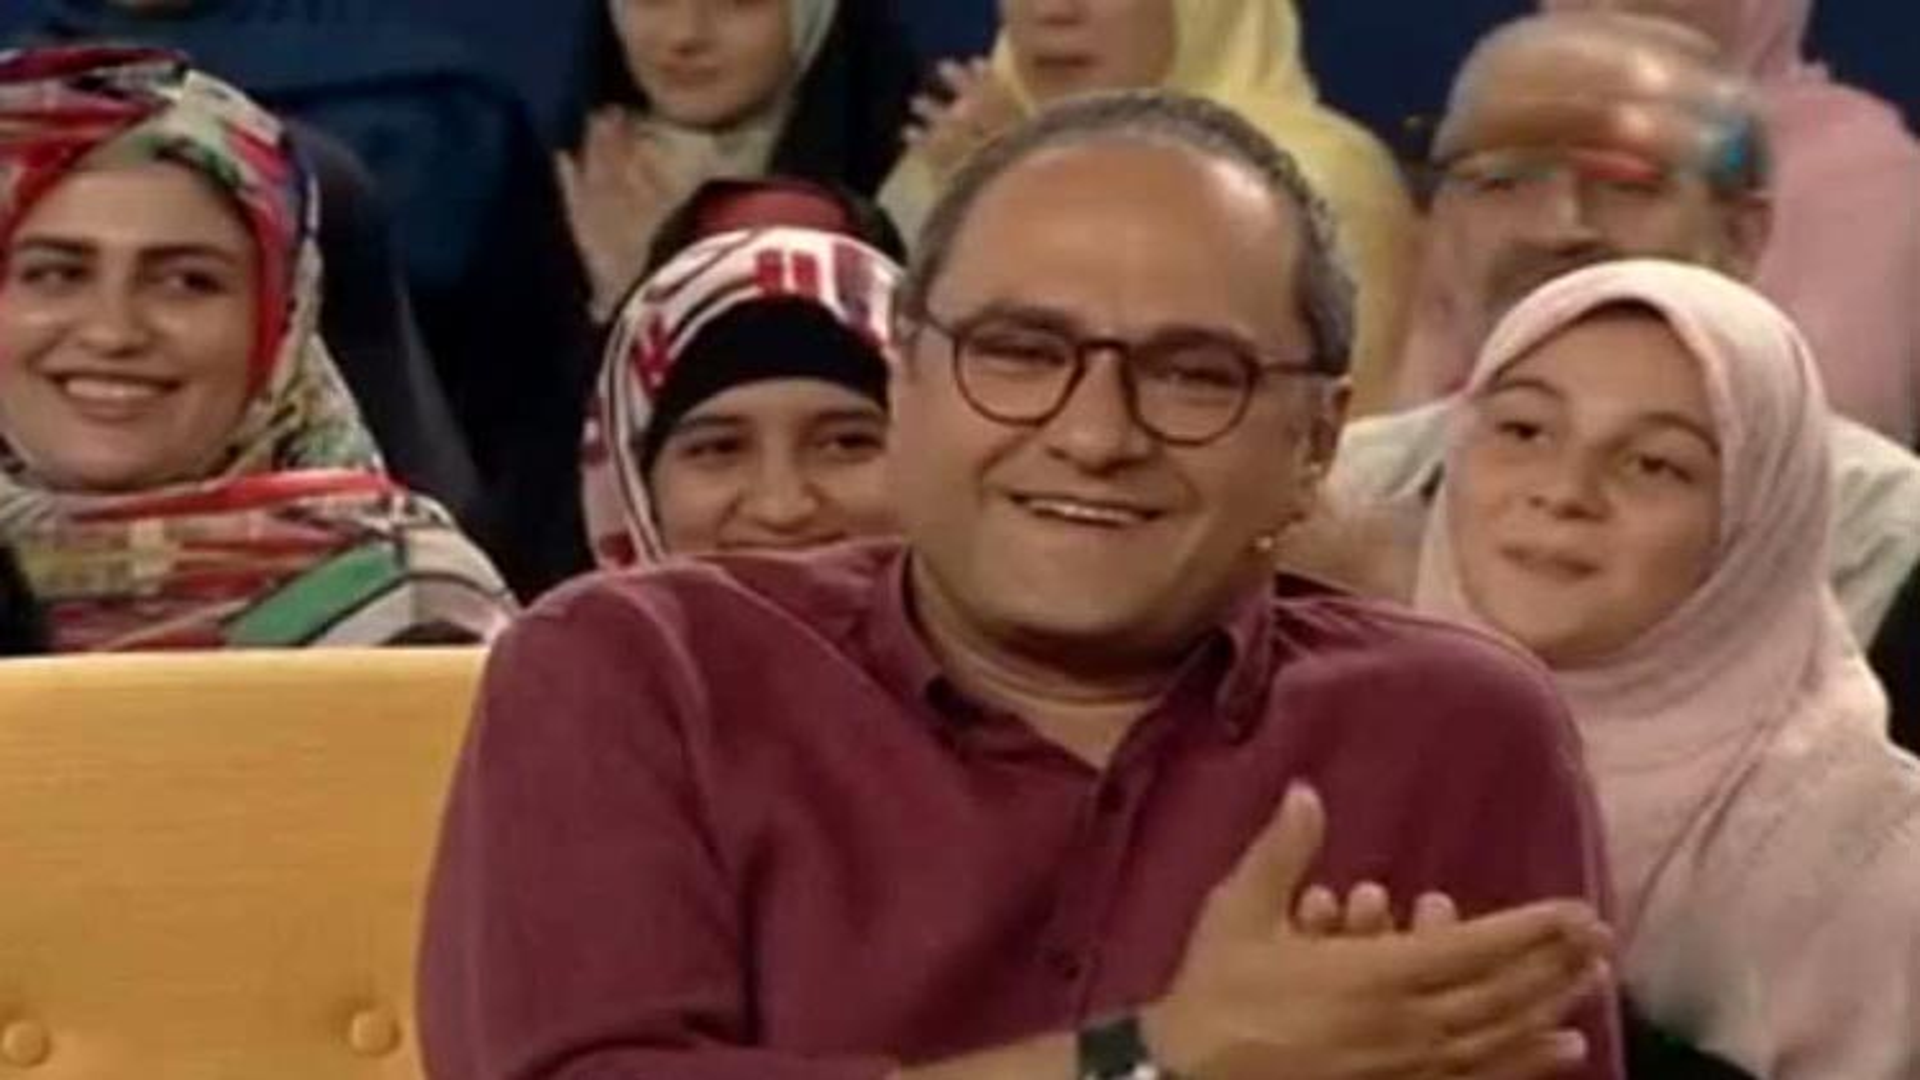 سوال رشیدپور از رامبد جوان درباره تداوم پخش خندوانه | فیلم